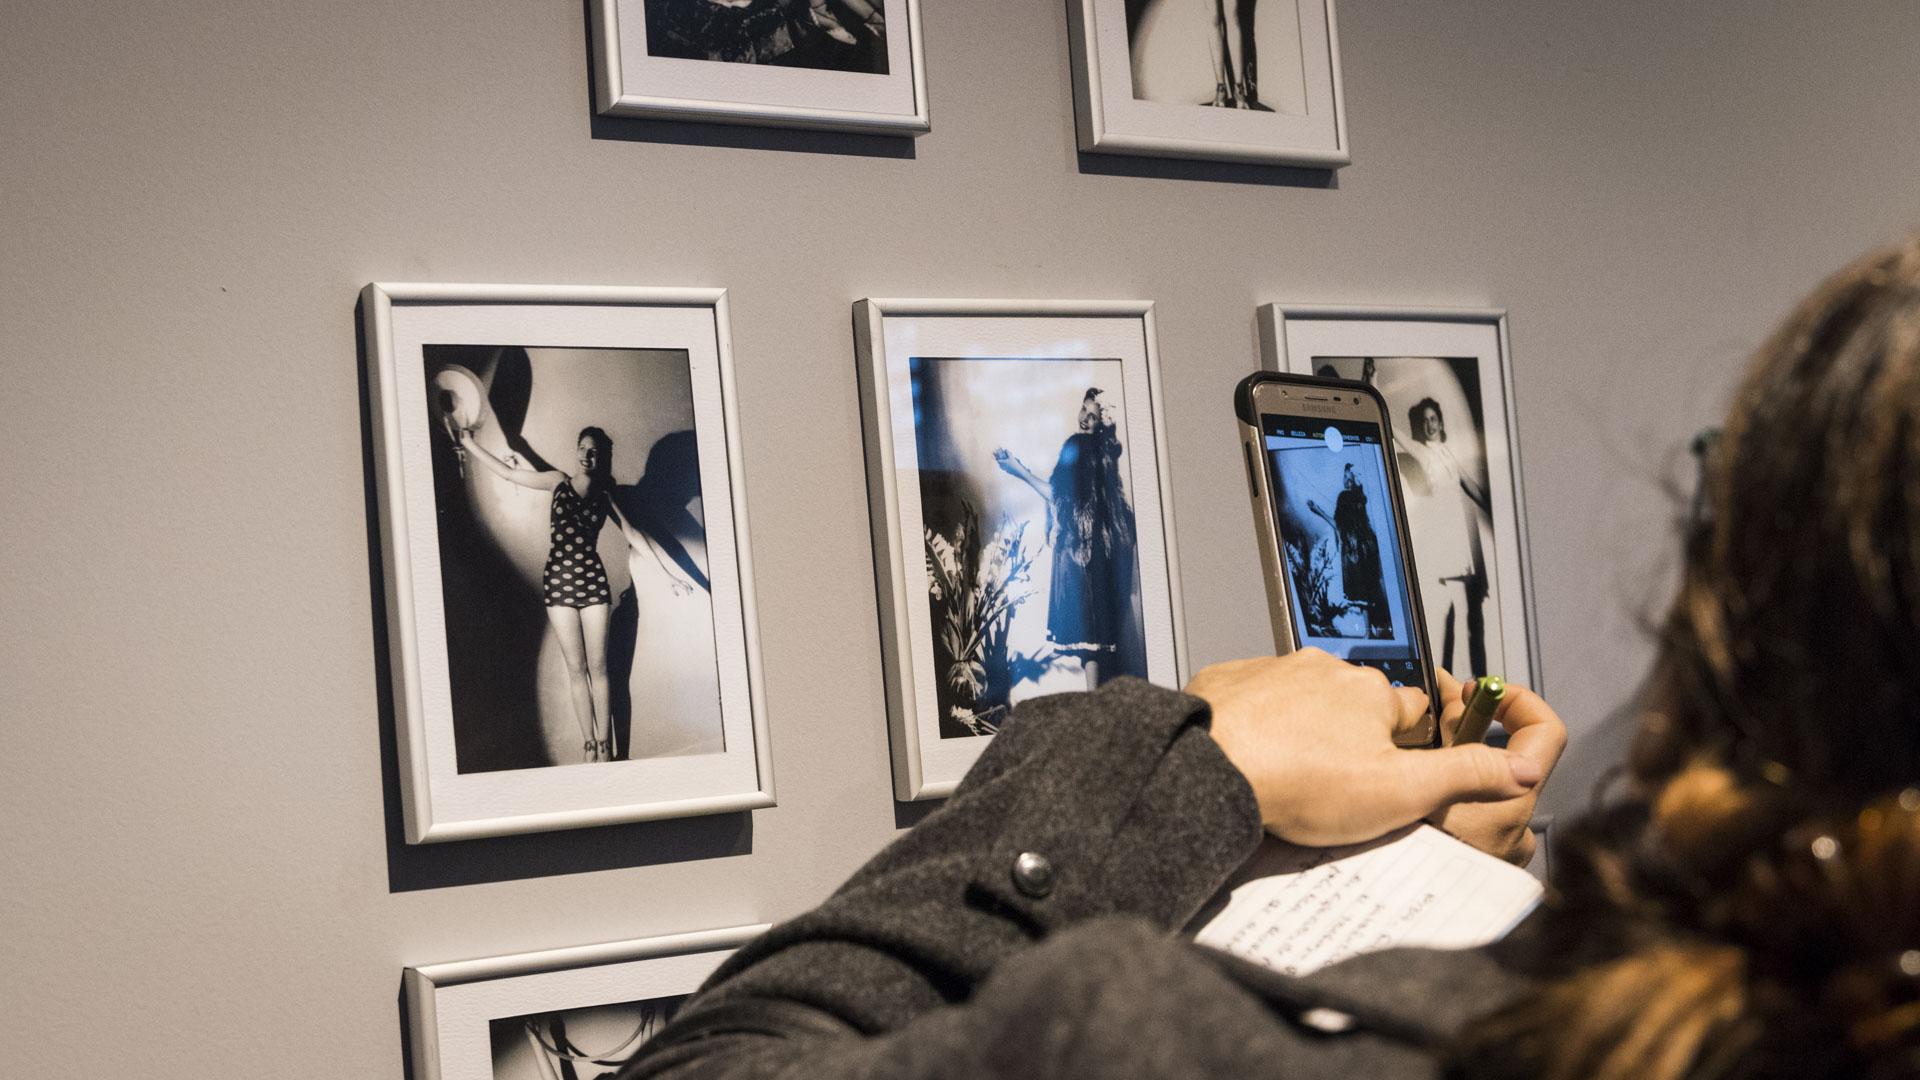 Fotografías de Evita, realizadas por el artista húngaro Sivul Wilensky